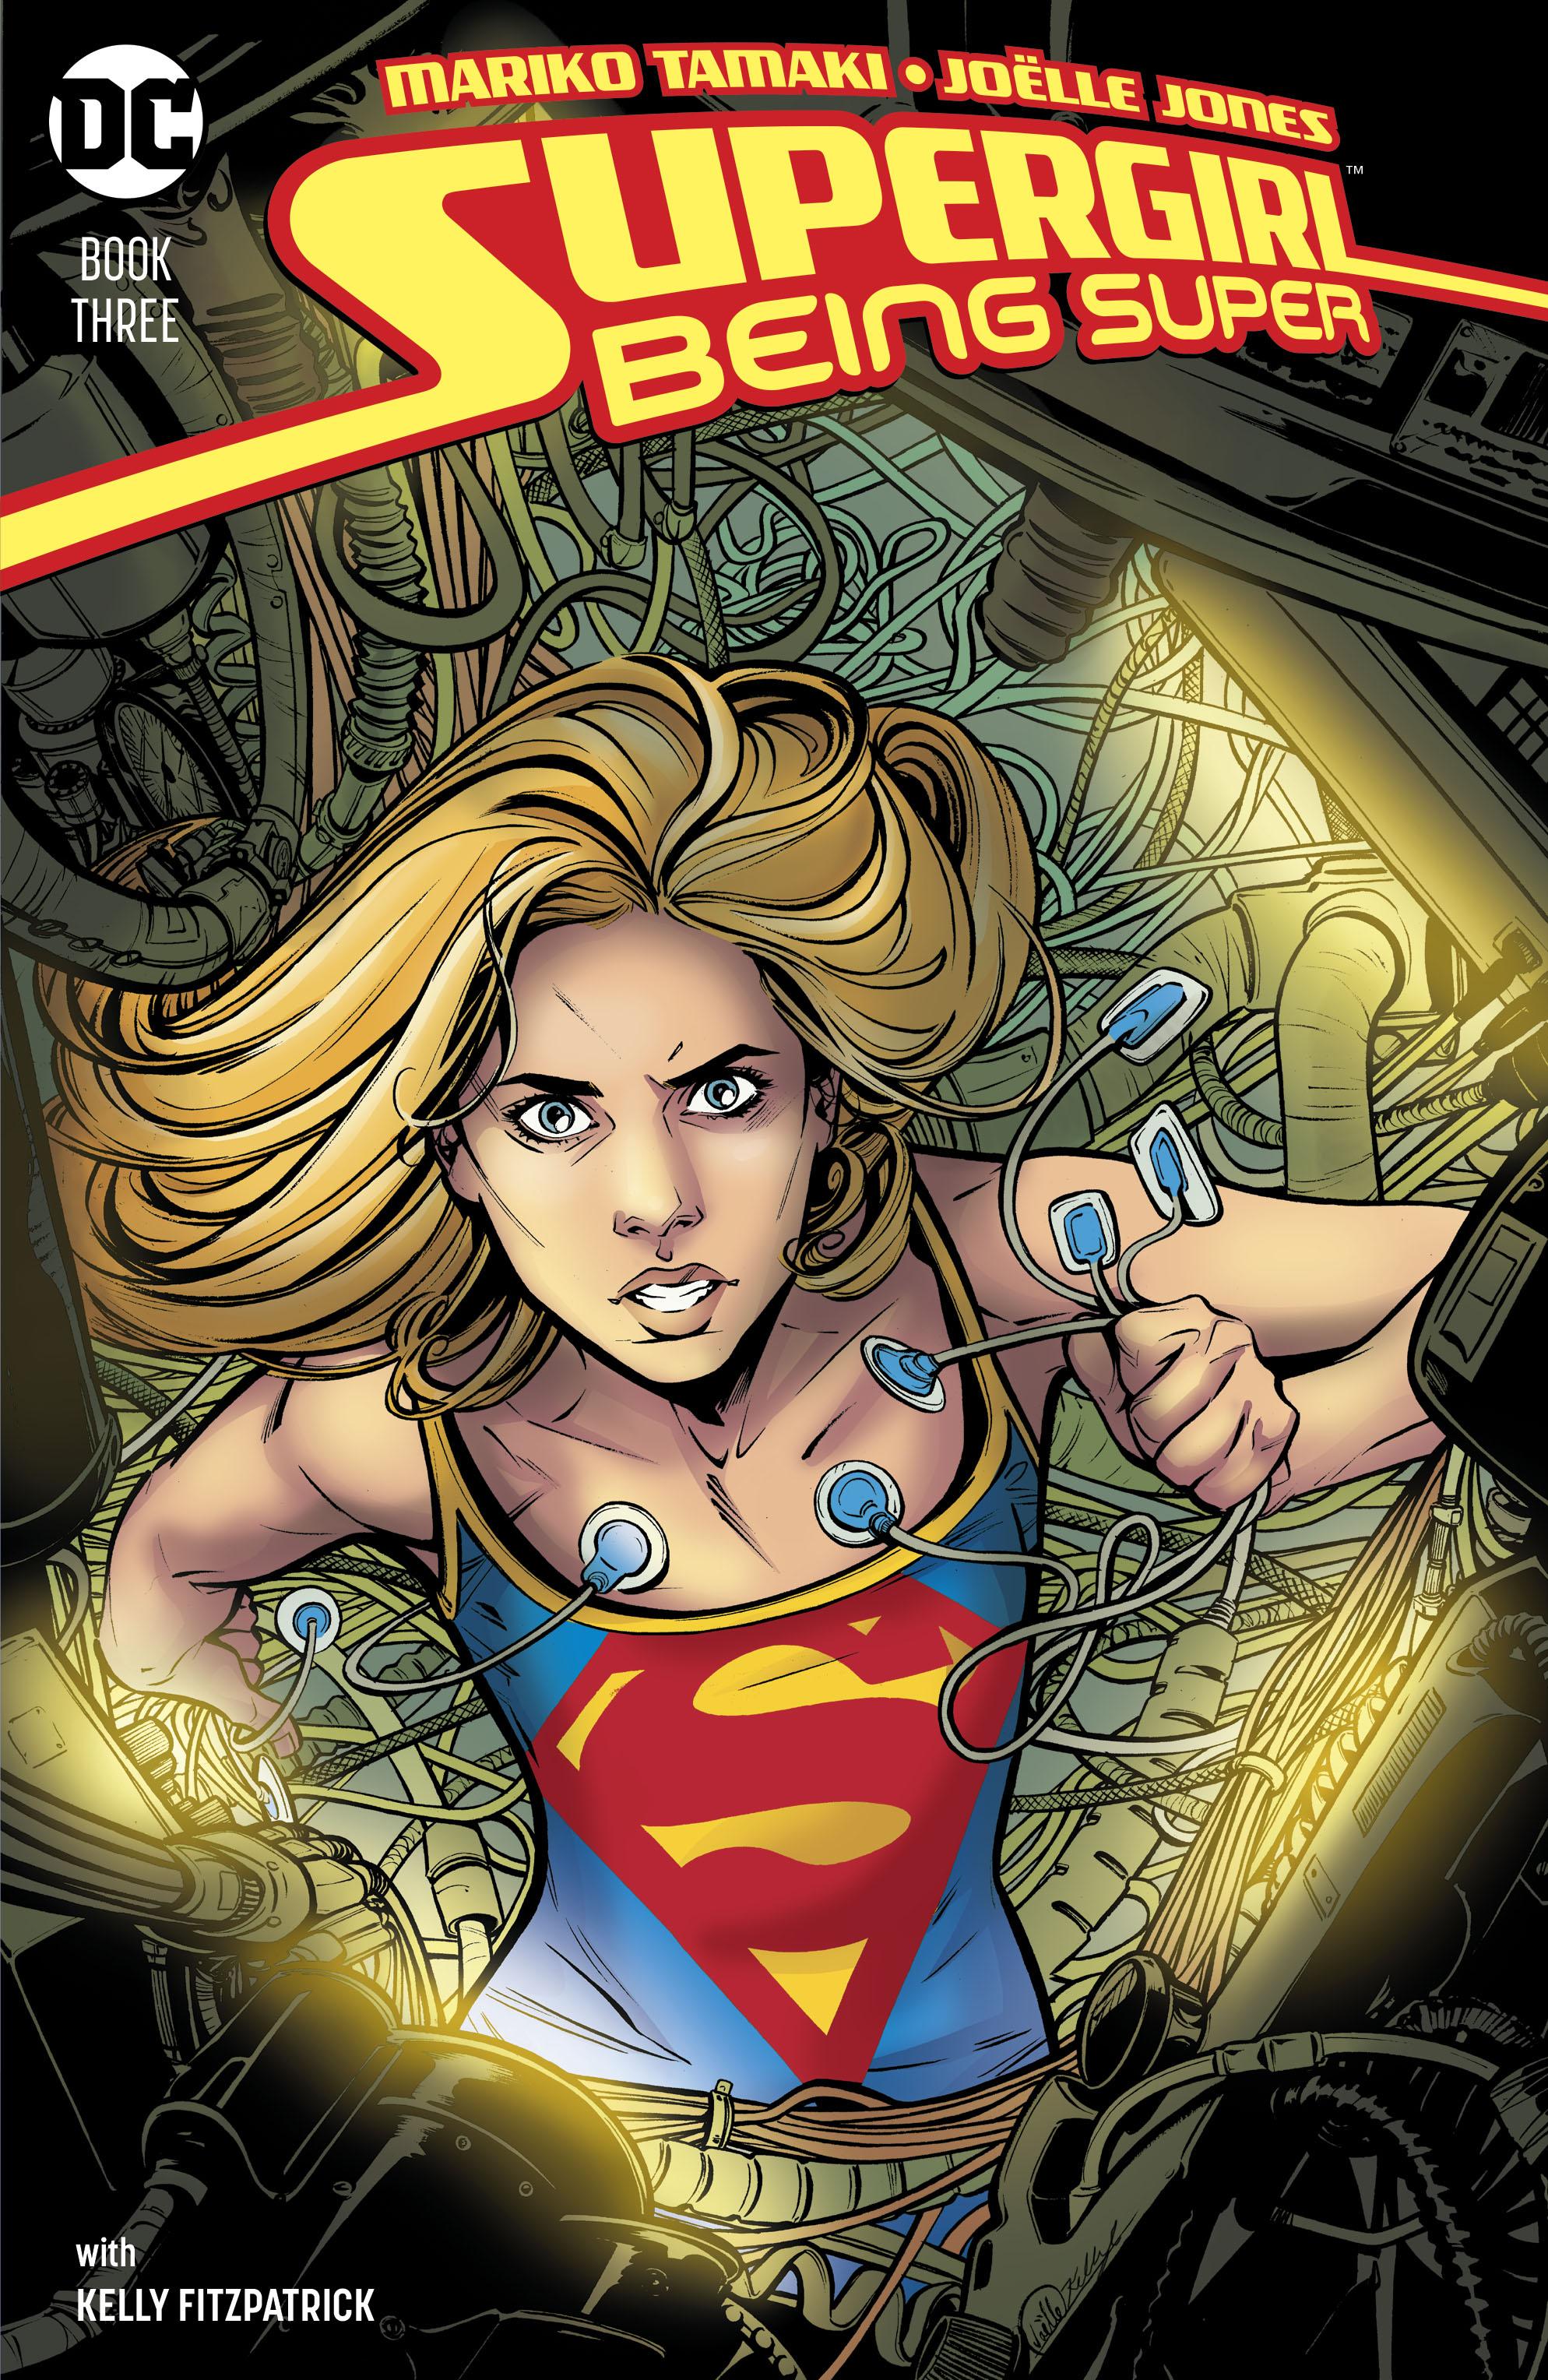 Image result for supergirl being super 3 wika